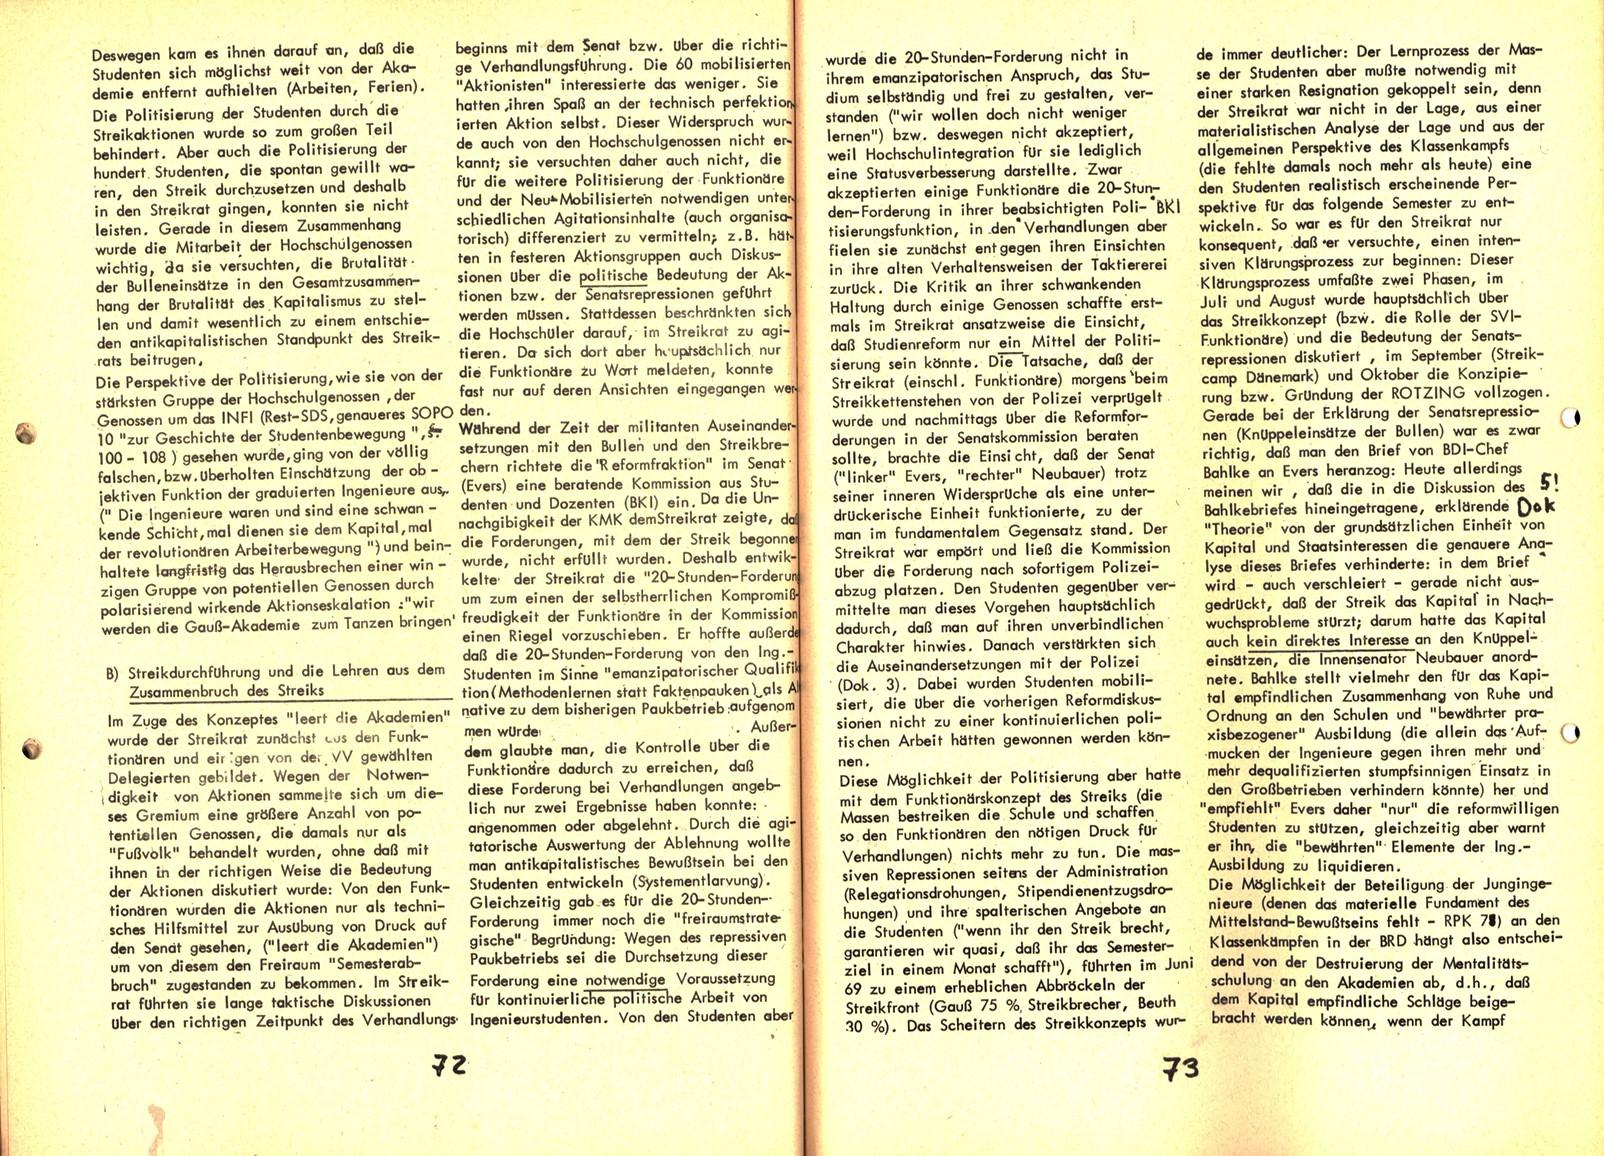 Berlin_Rotzing_1971_Kampfbericht_37